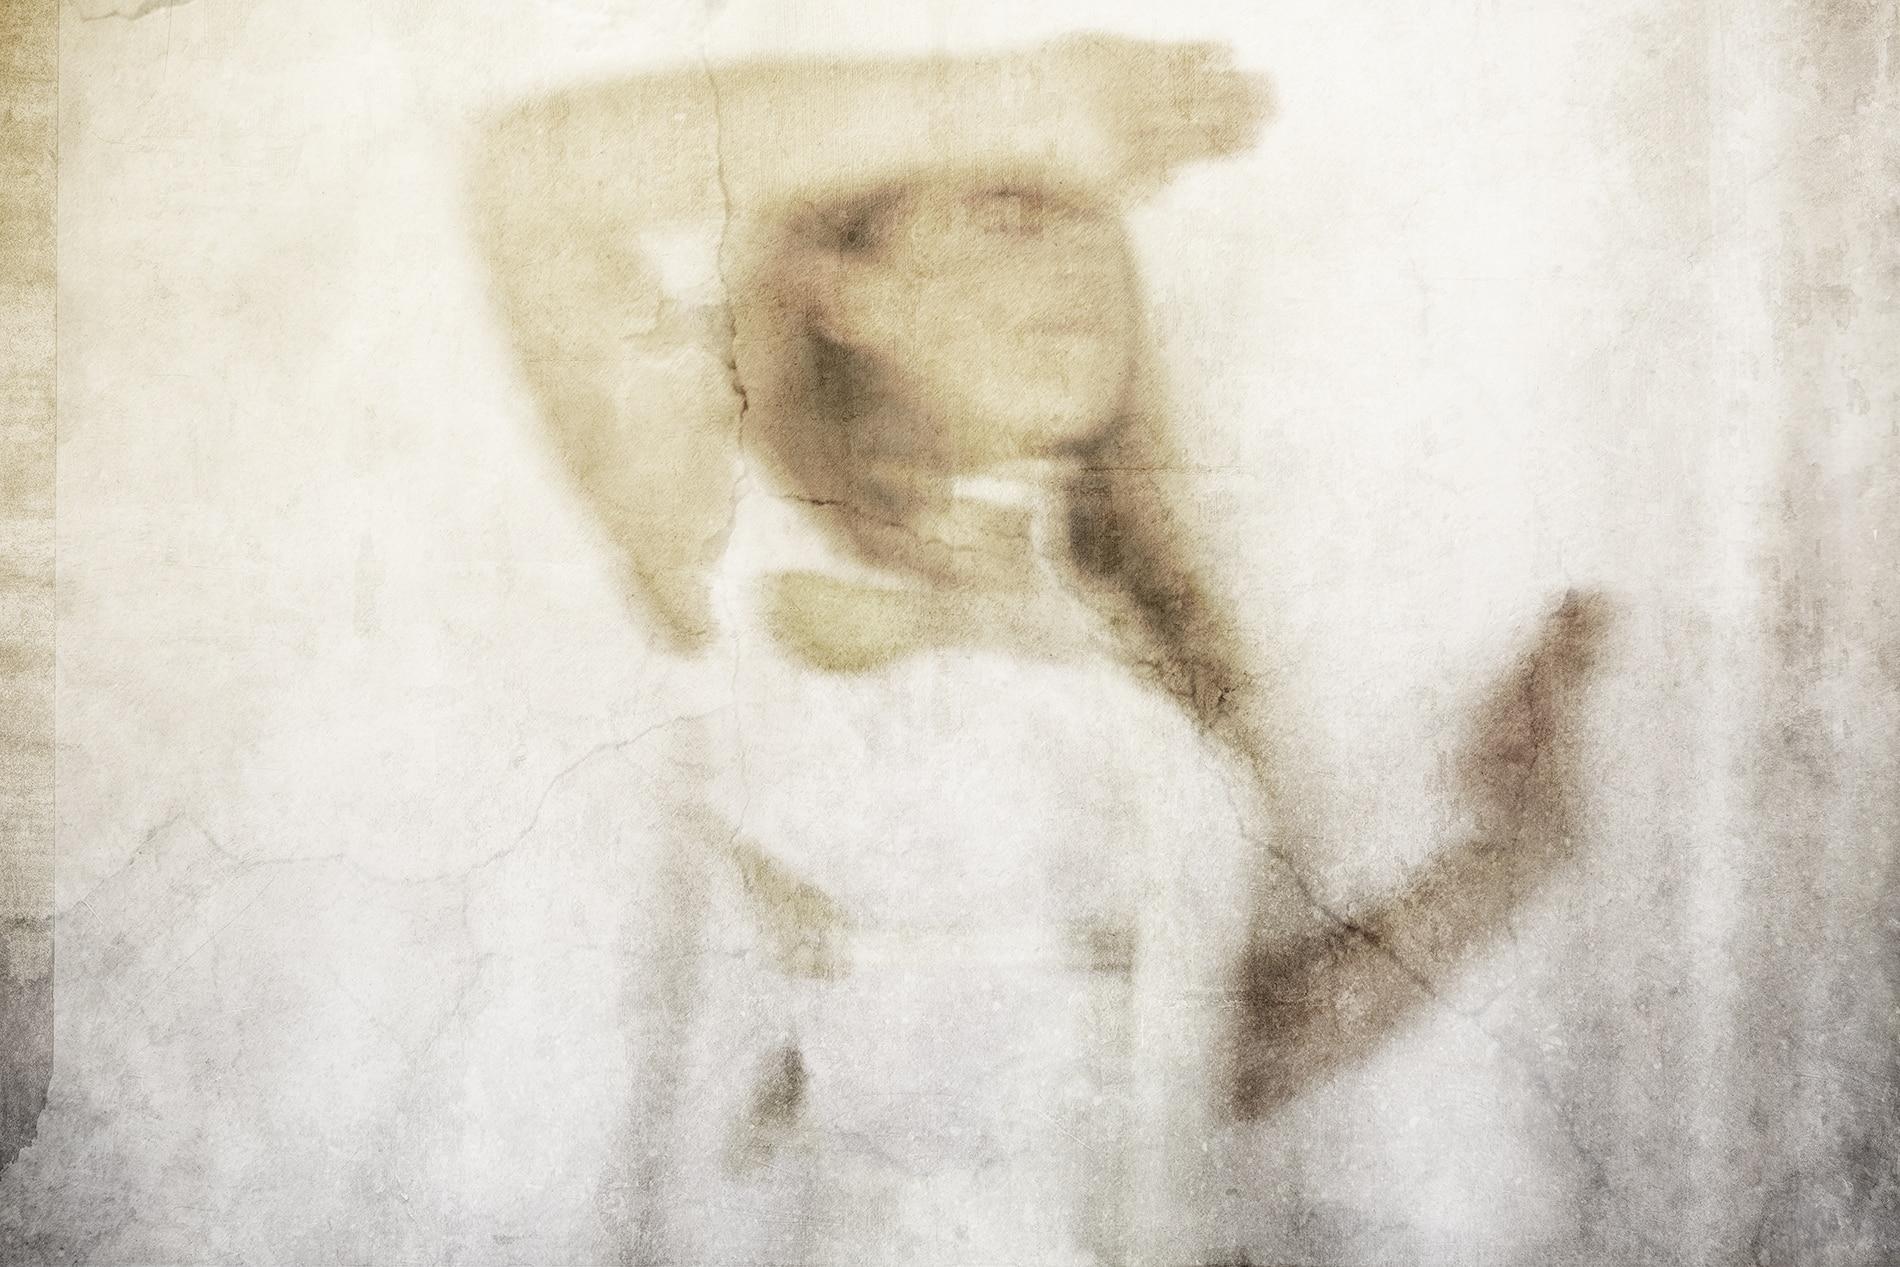 Maribé photography - Le corps sait - 2 - Impasse